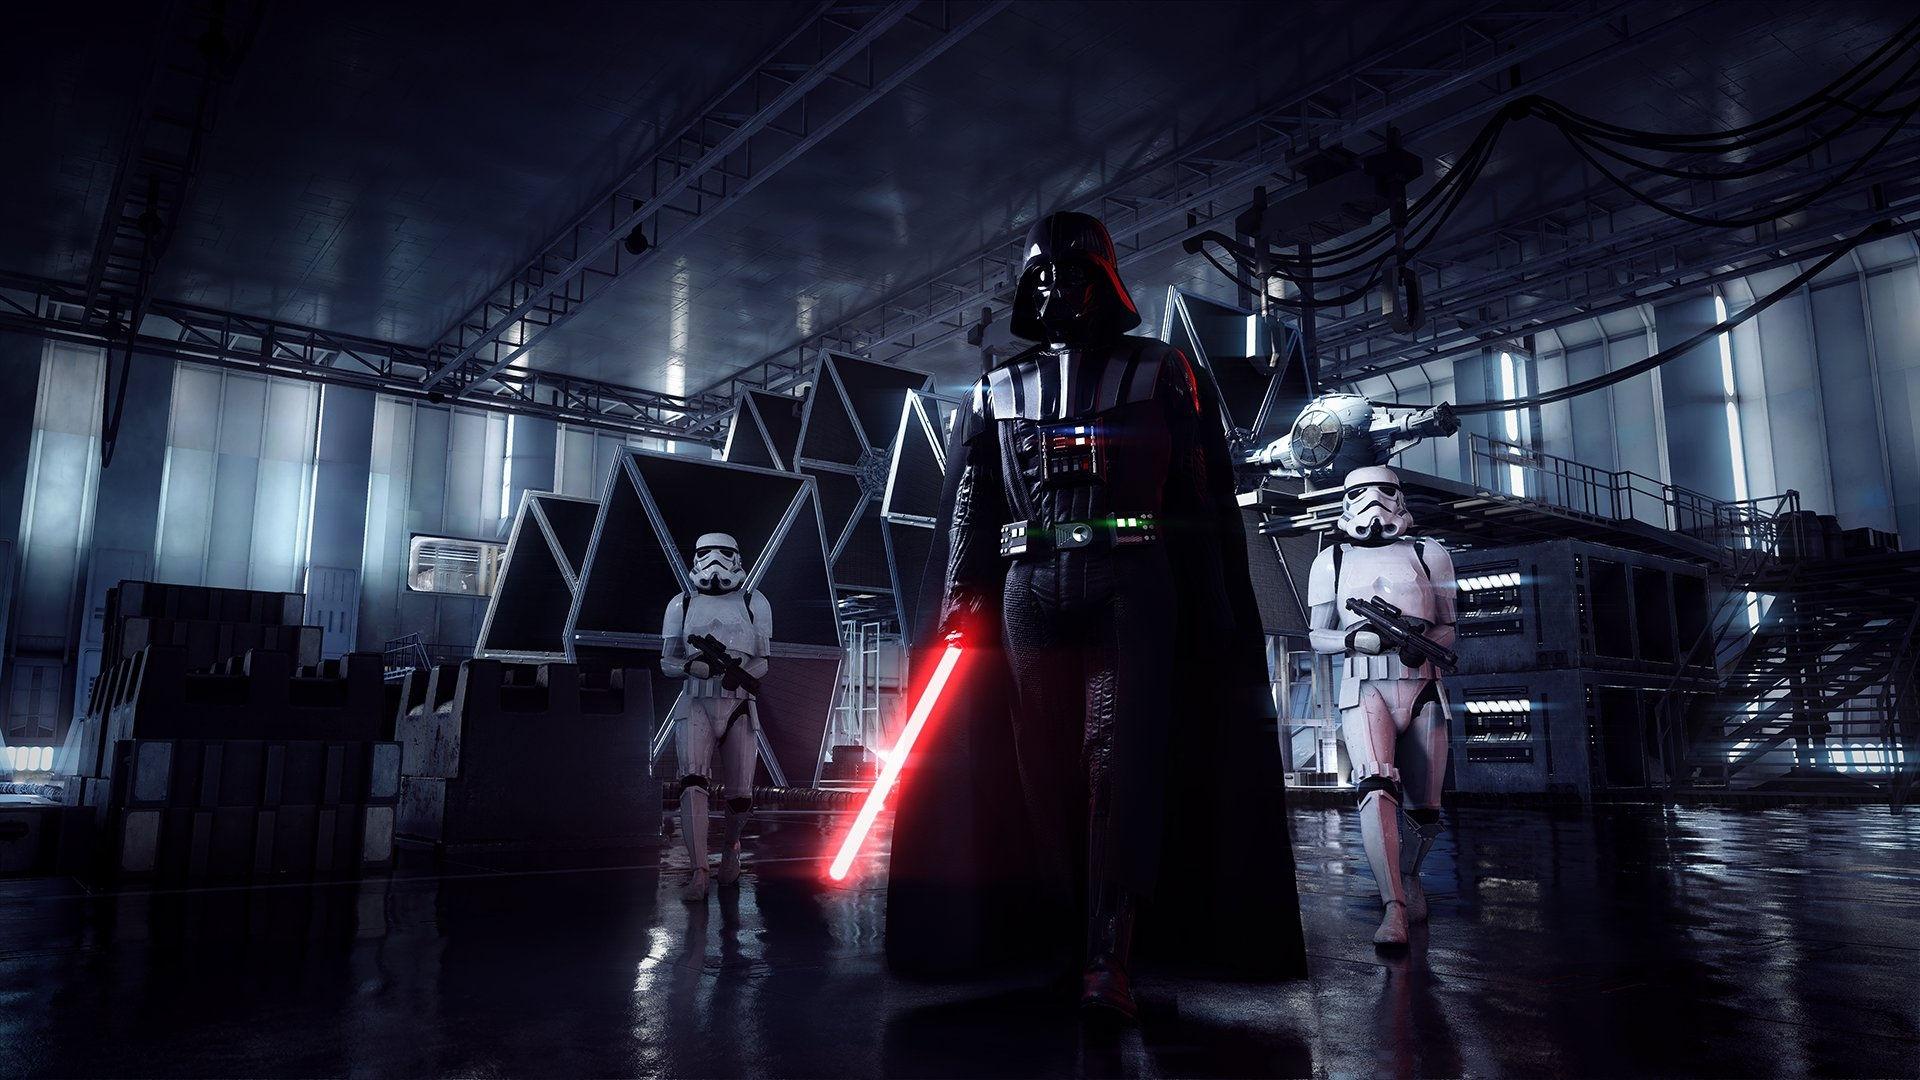 Darth Vader W Hangarze Star Wars Battlefront 2 Darth Vader 71465 Hd Wallpaper Backgrounds Download